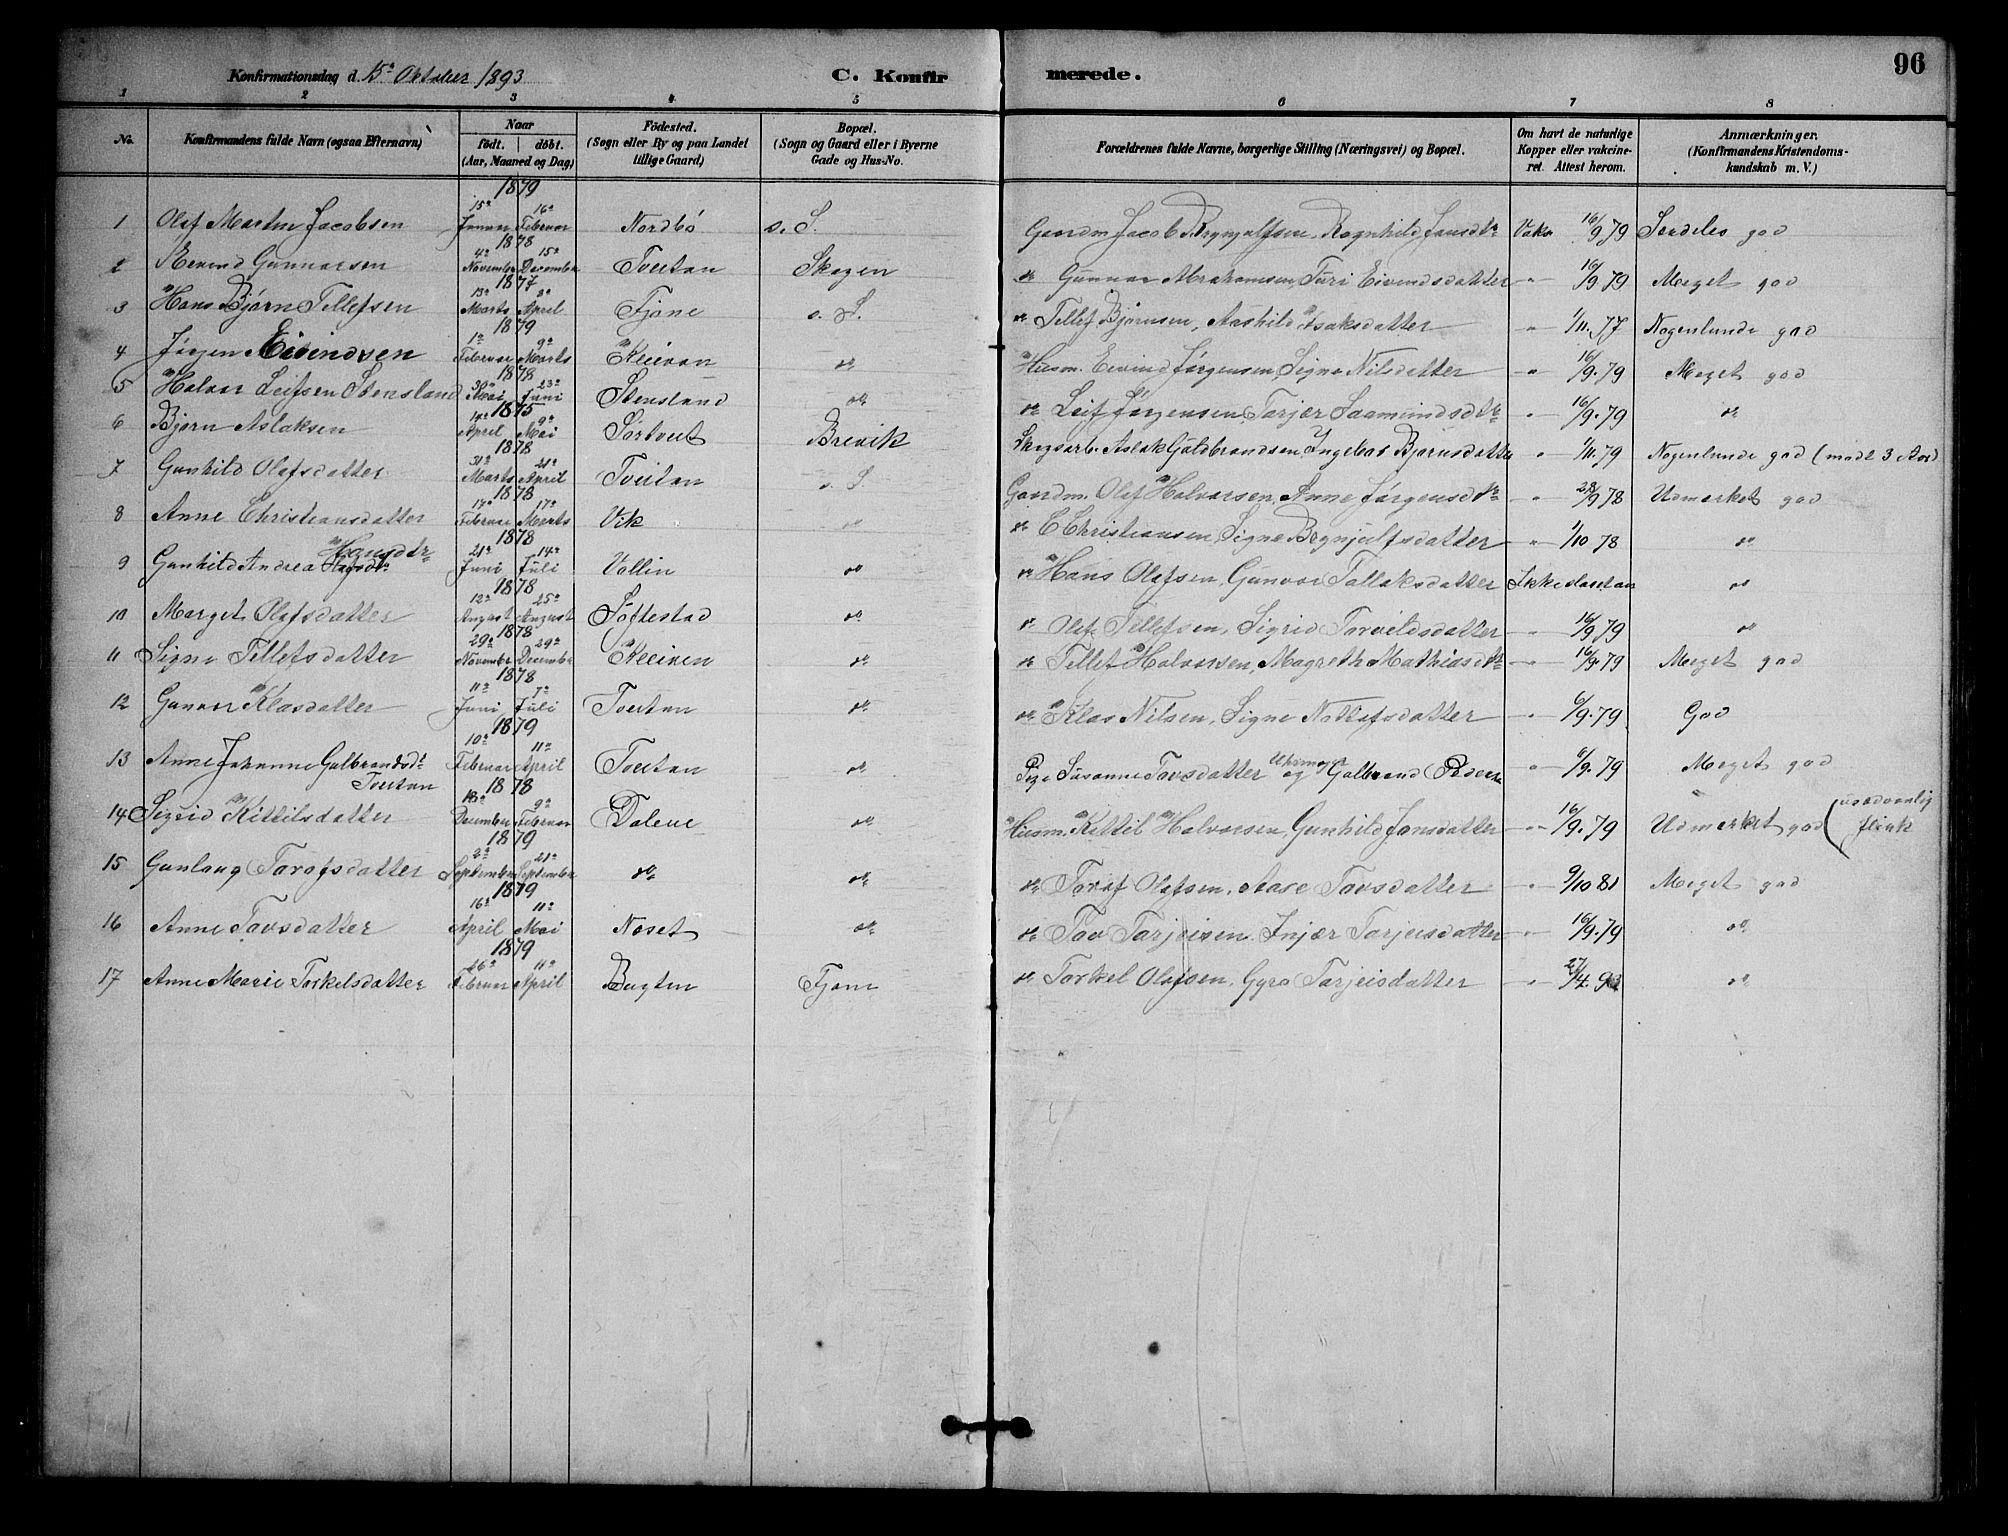 SAKO, Nissedal kirkebøker, G/Ga/L0003: Klokkerbok nr. I 3, 1887-1911, s. 96